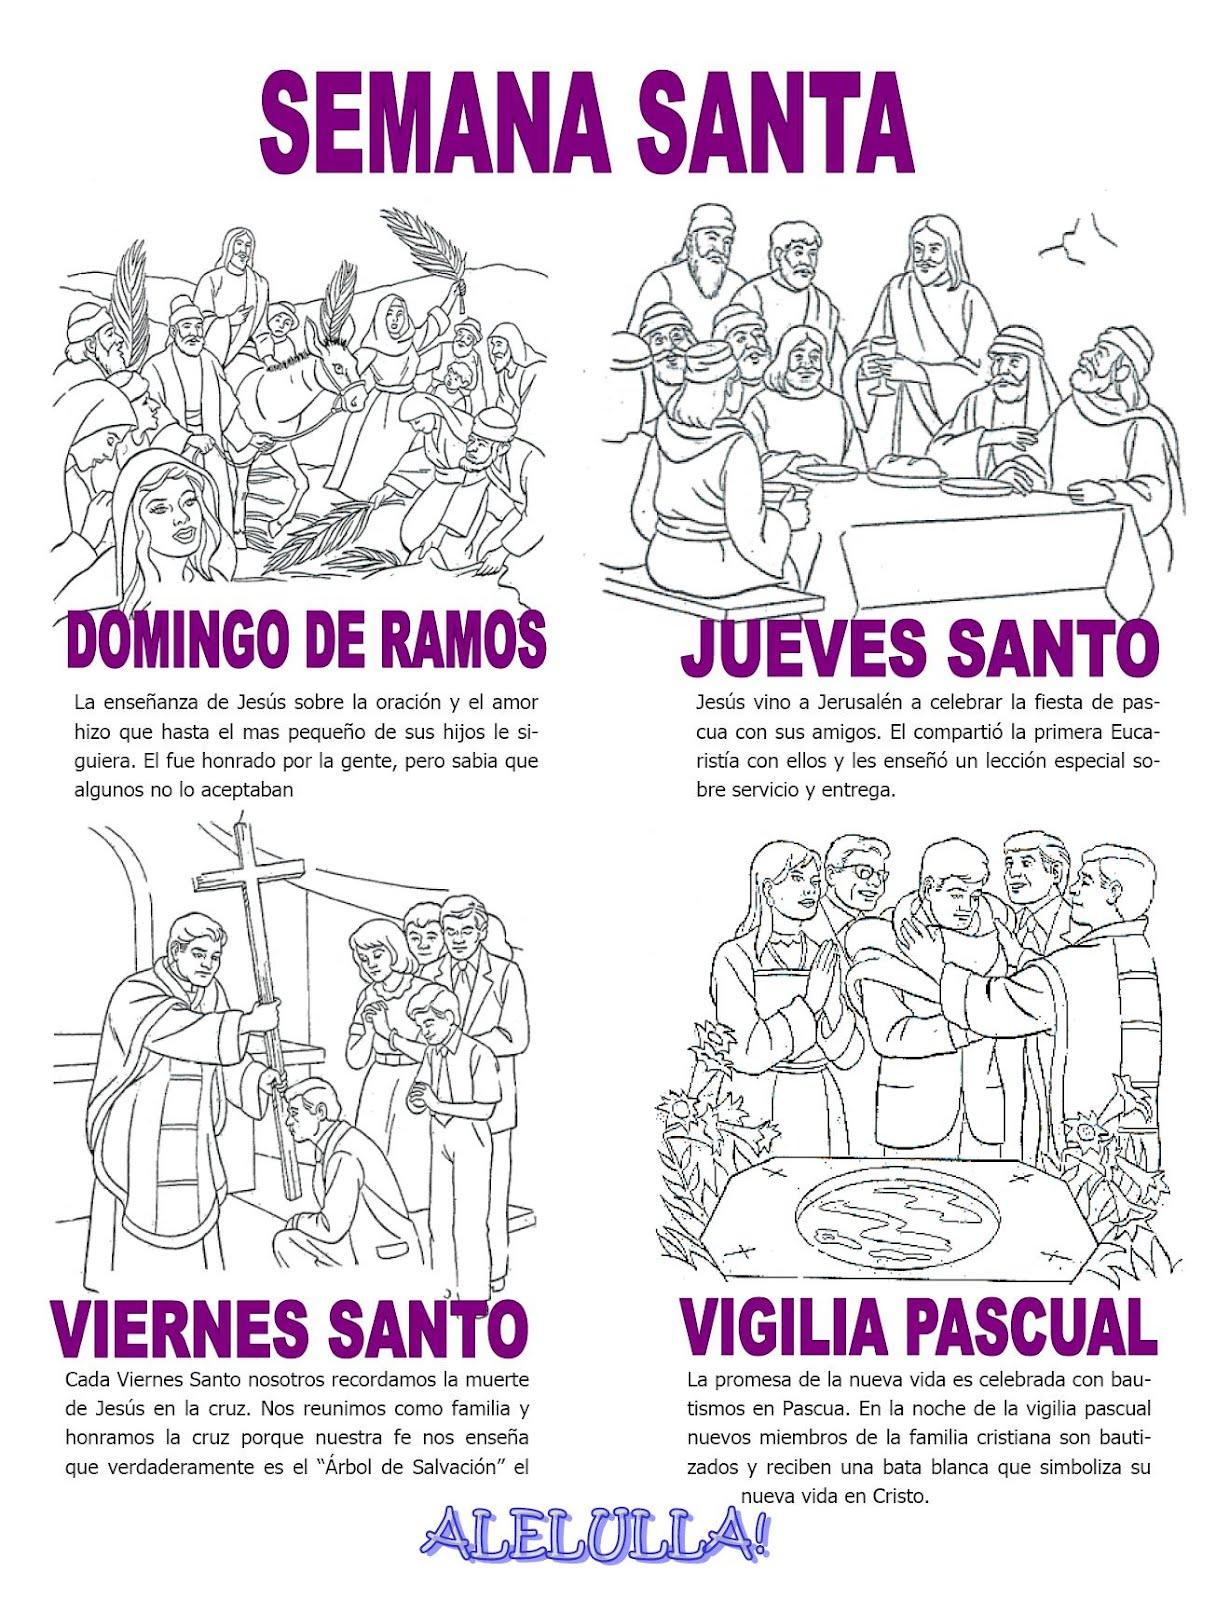 Reliartes Fichas Y Manualidades Semana Santa 2015